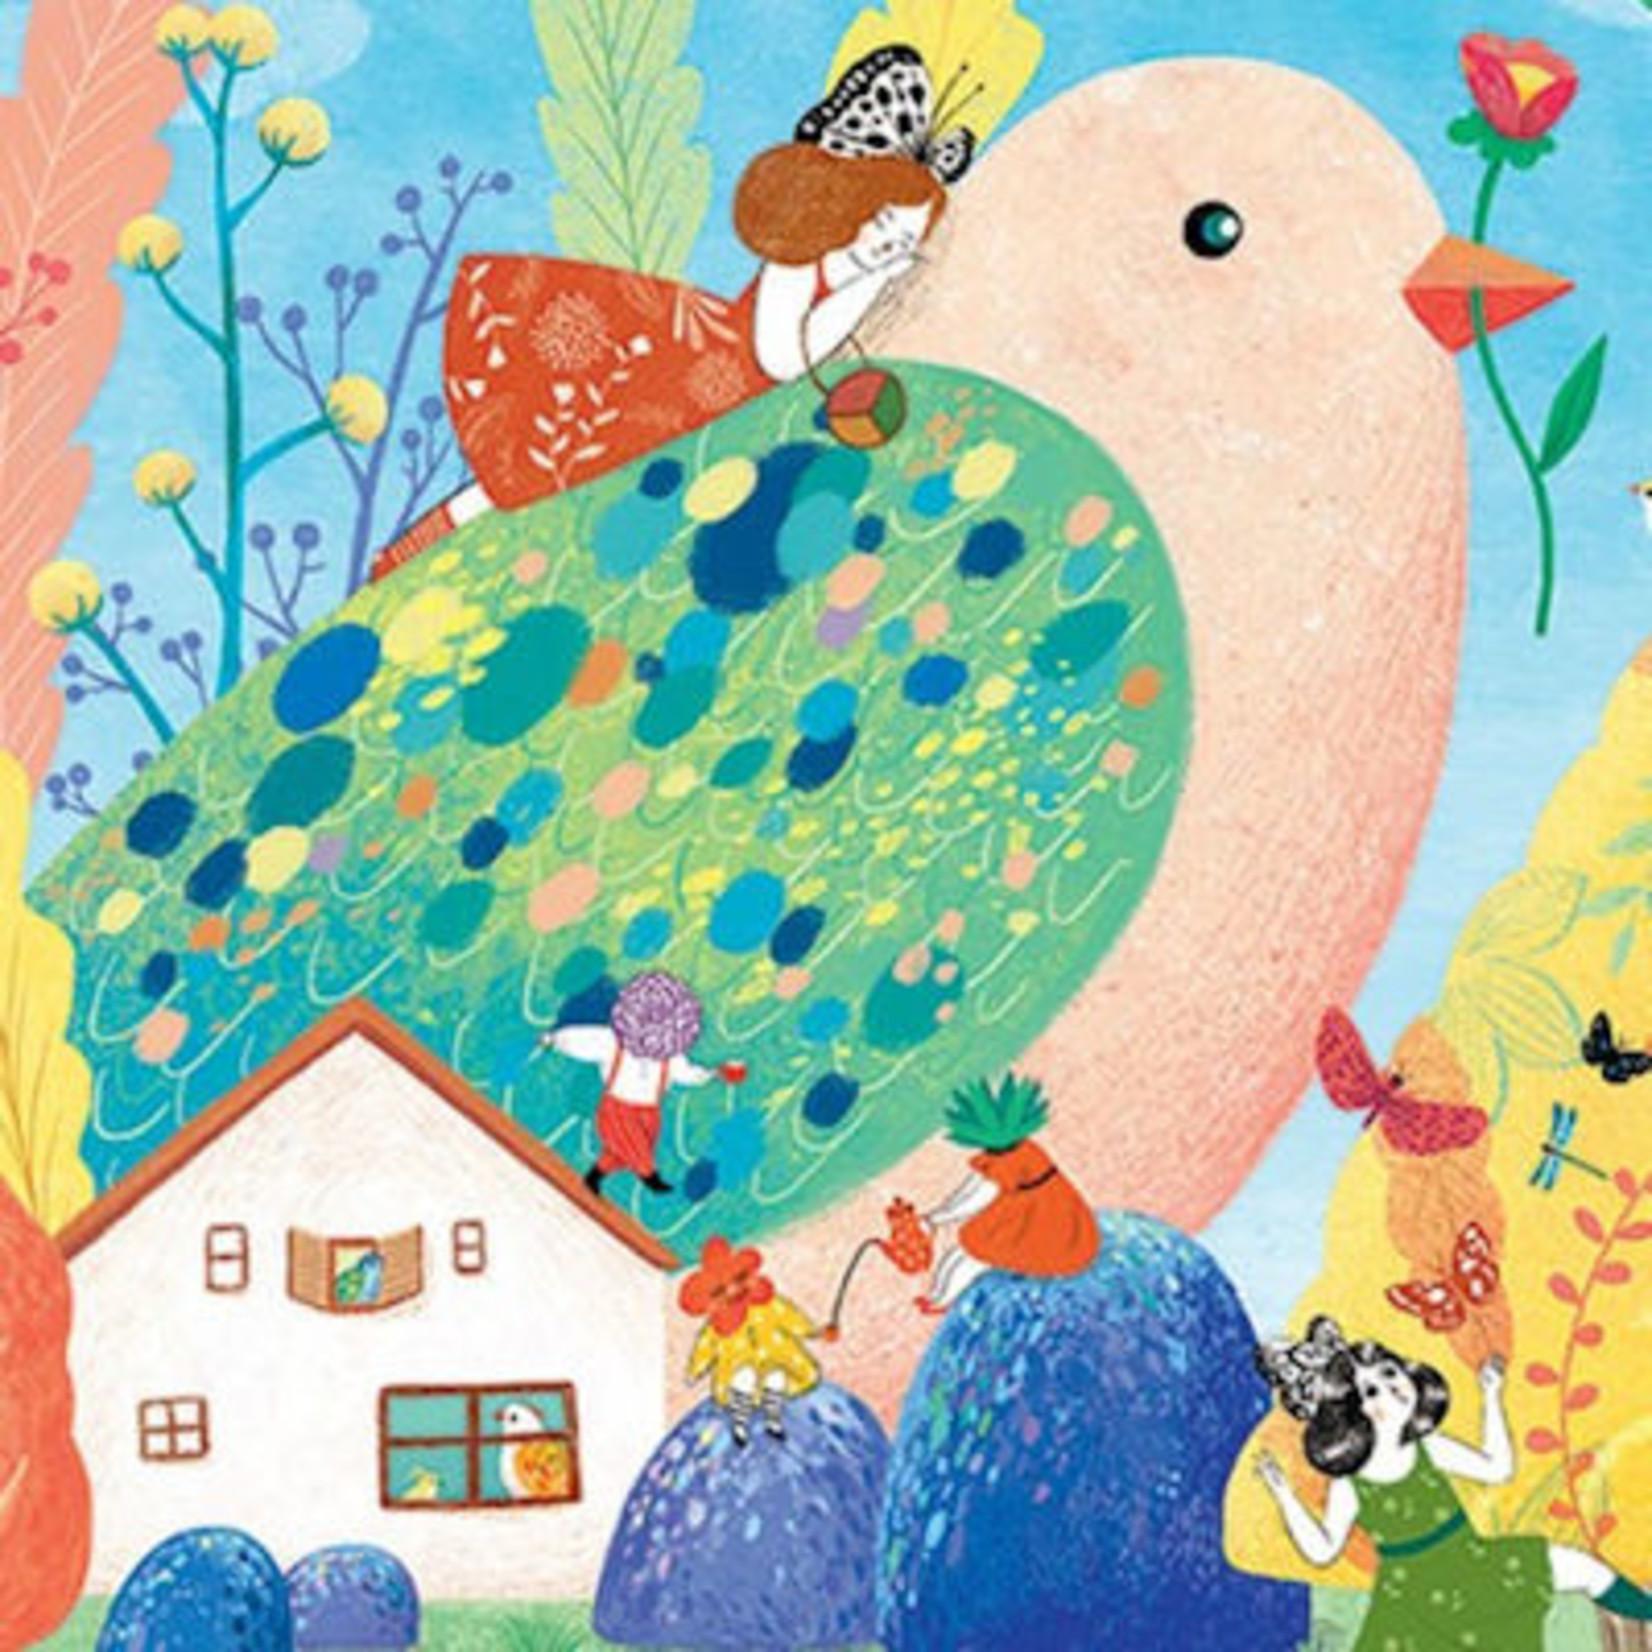 Djeco Gallerie Puzzel Miss Birdy 350st